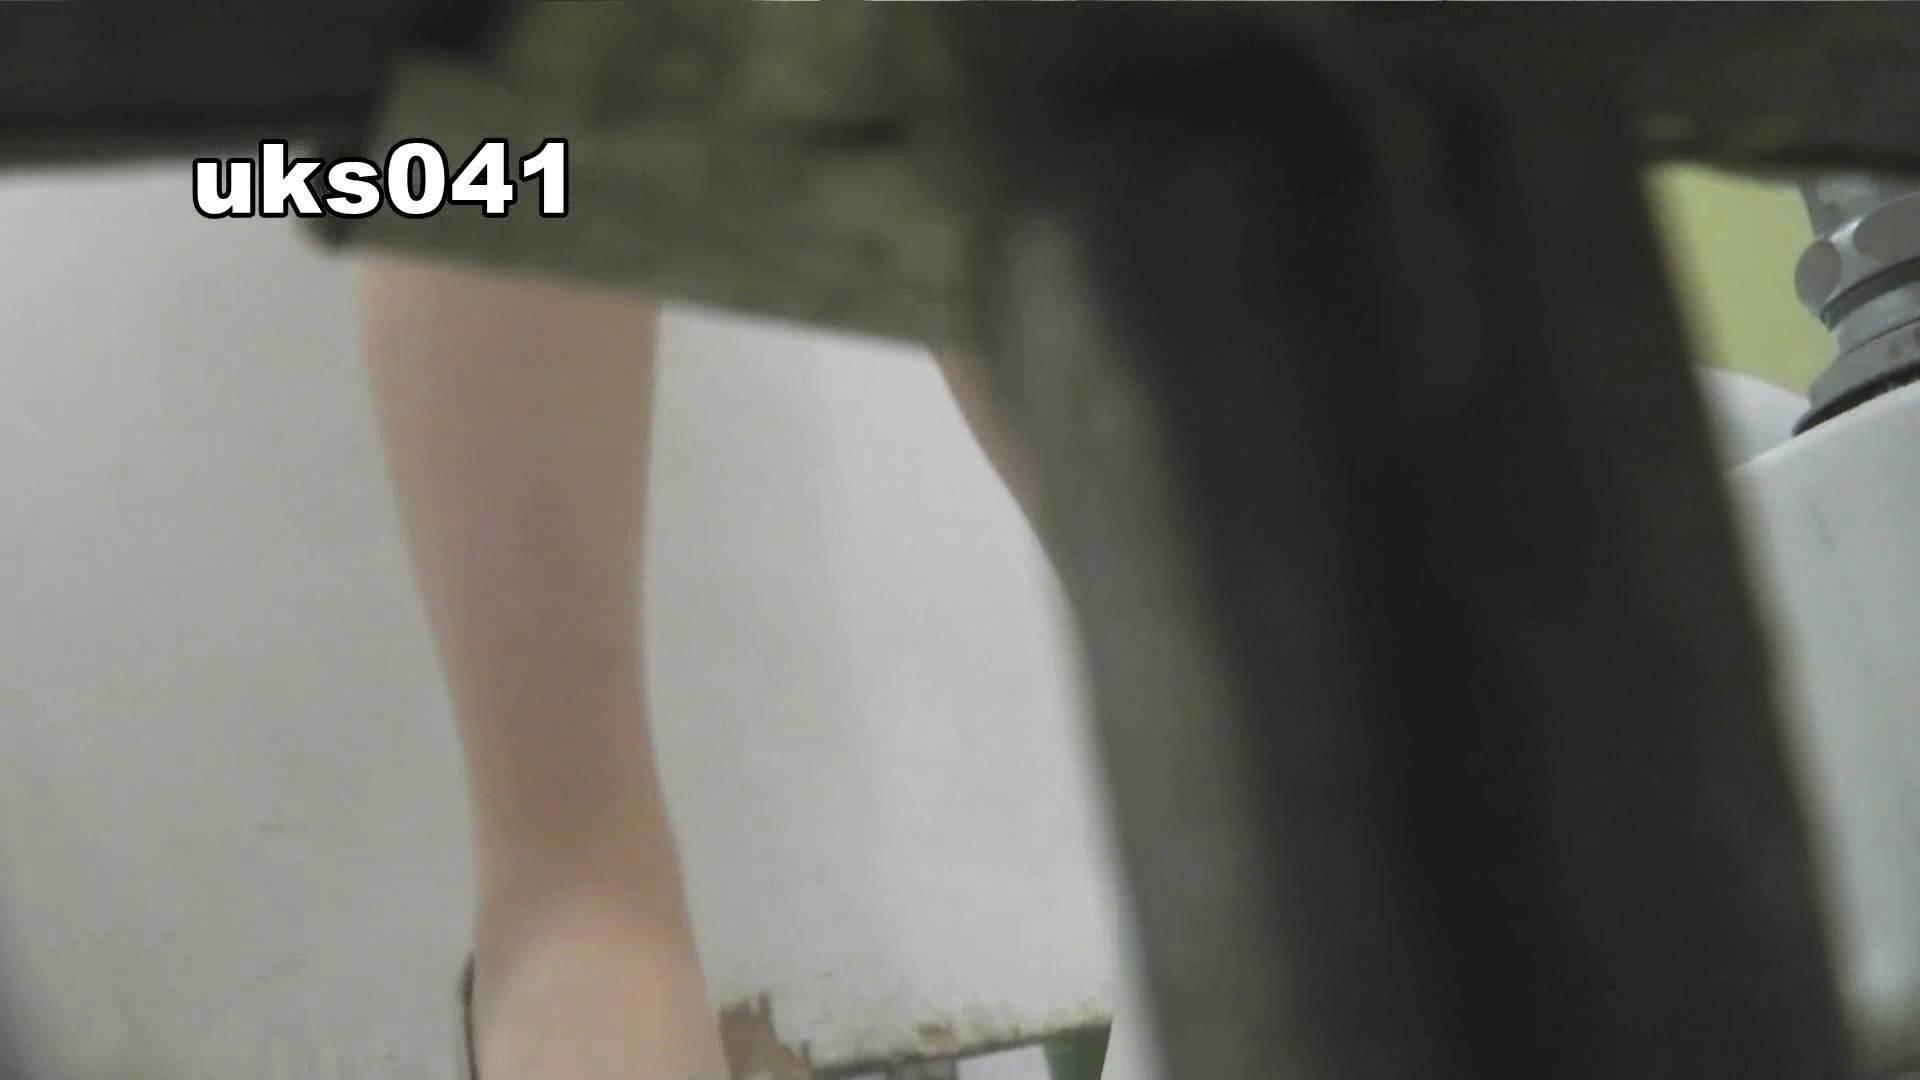 【美しき個室な世界】 vol.041 高評価 エロ画像 106画像 104